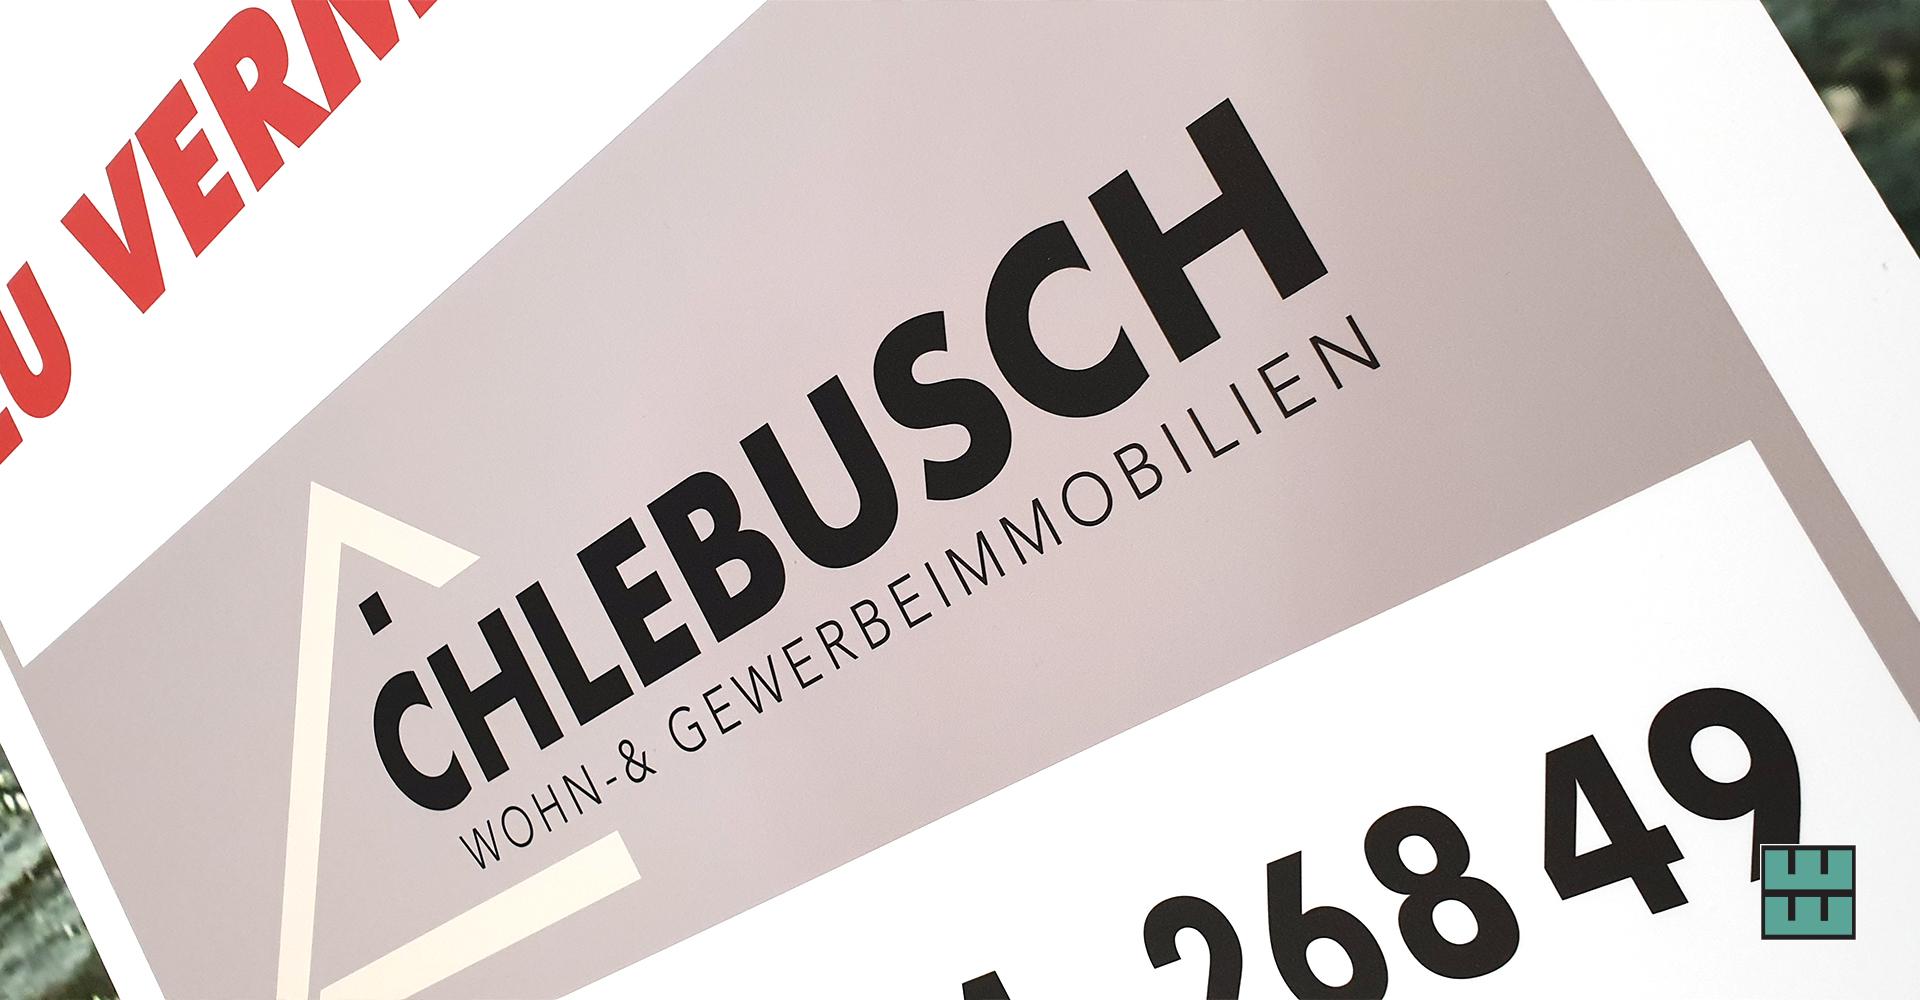 Für das Architekturbüro Chlebusch aus Alfeld durften wir ein neues Schild anfertigen.